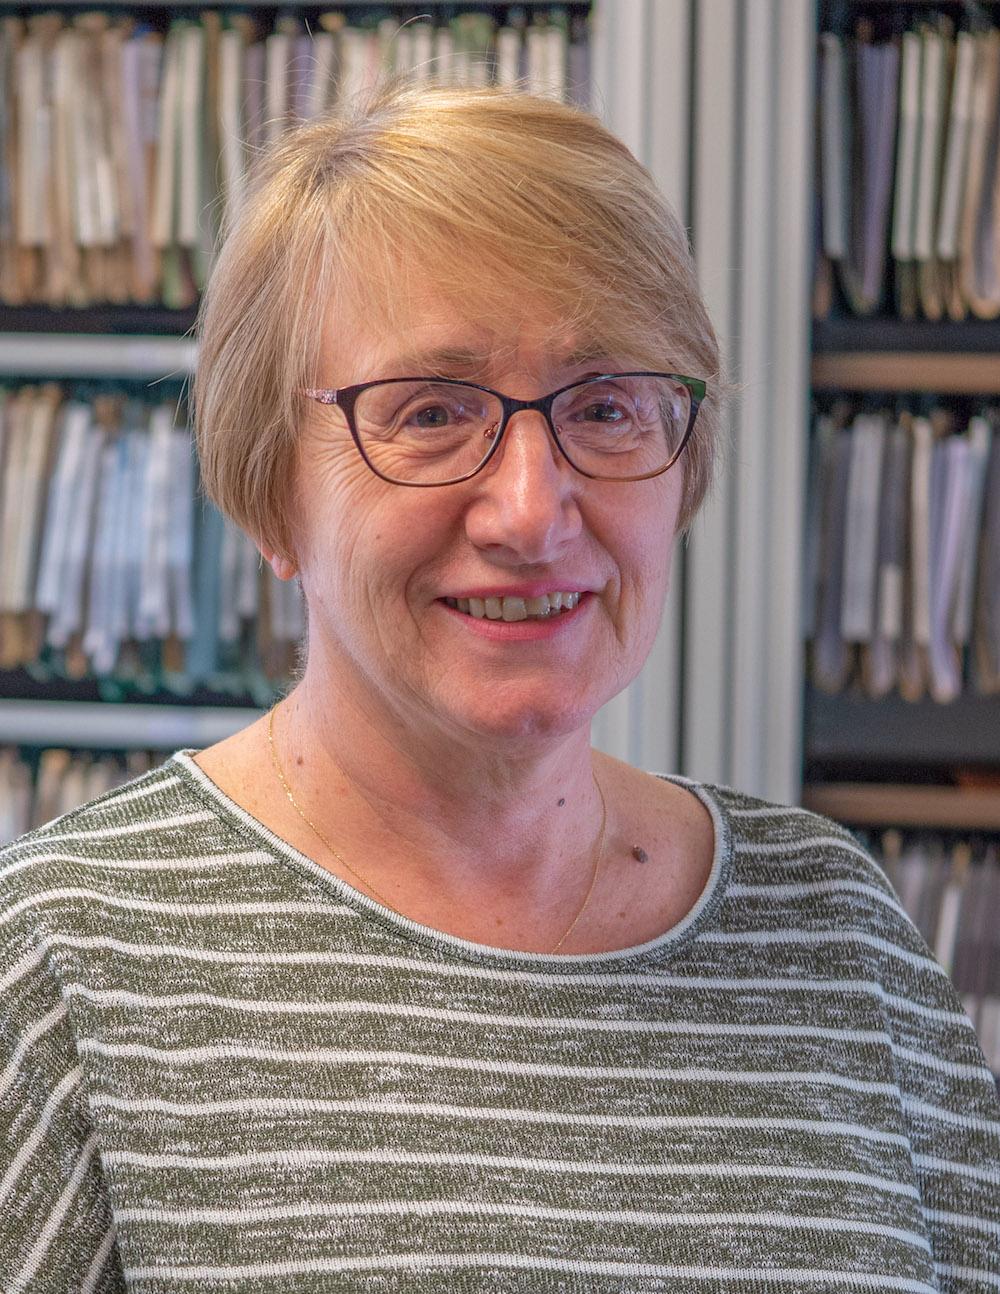 Moira McMinn